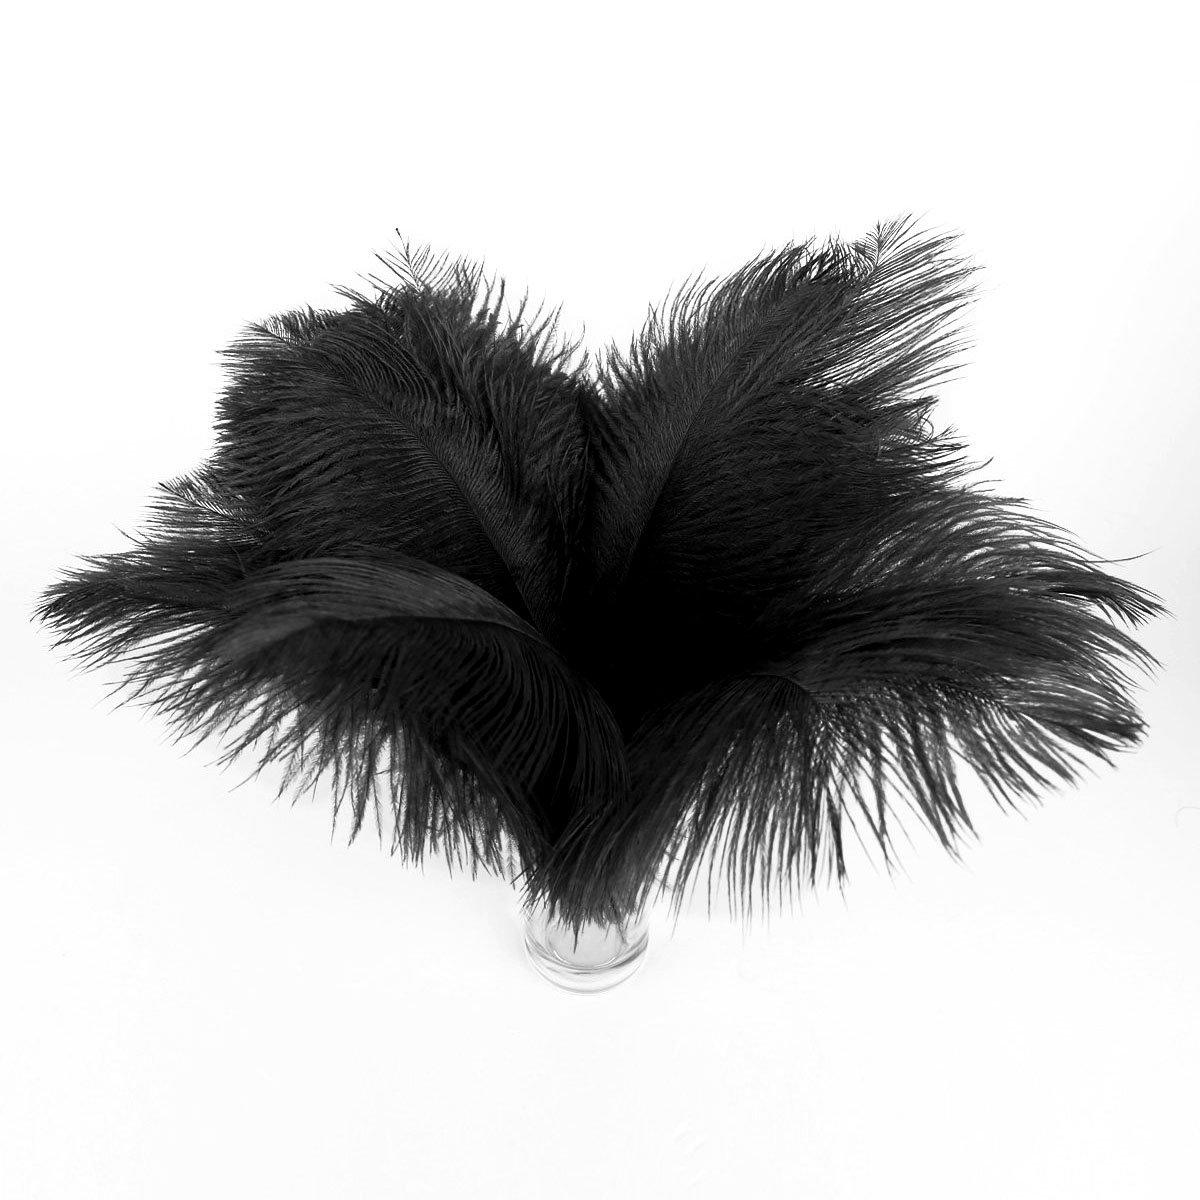 Vosarea 20pcs 30-35cm Plumas de Avestruz Artificiales decoraci/ón Plumas para el Vestido de la m/áscara del Banquete de Boda Amarillo